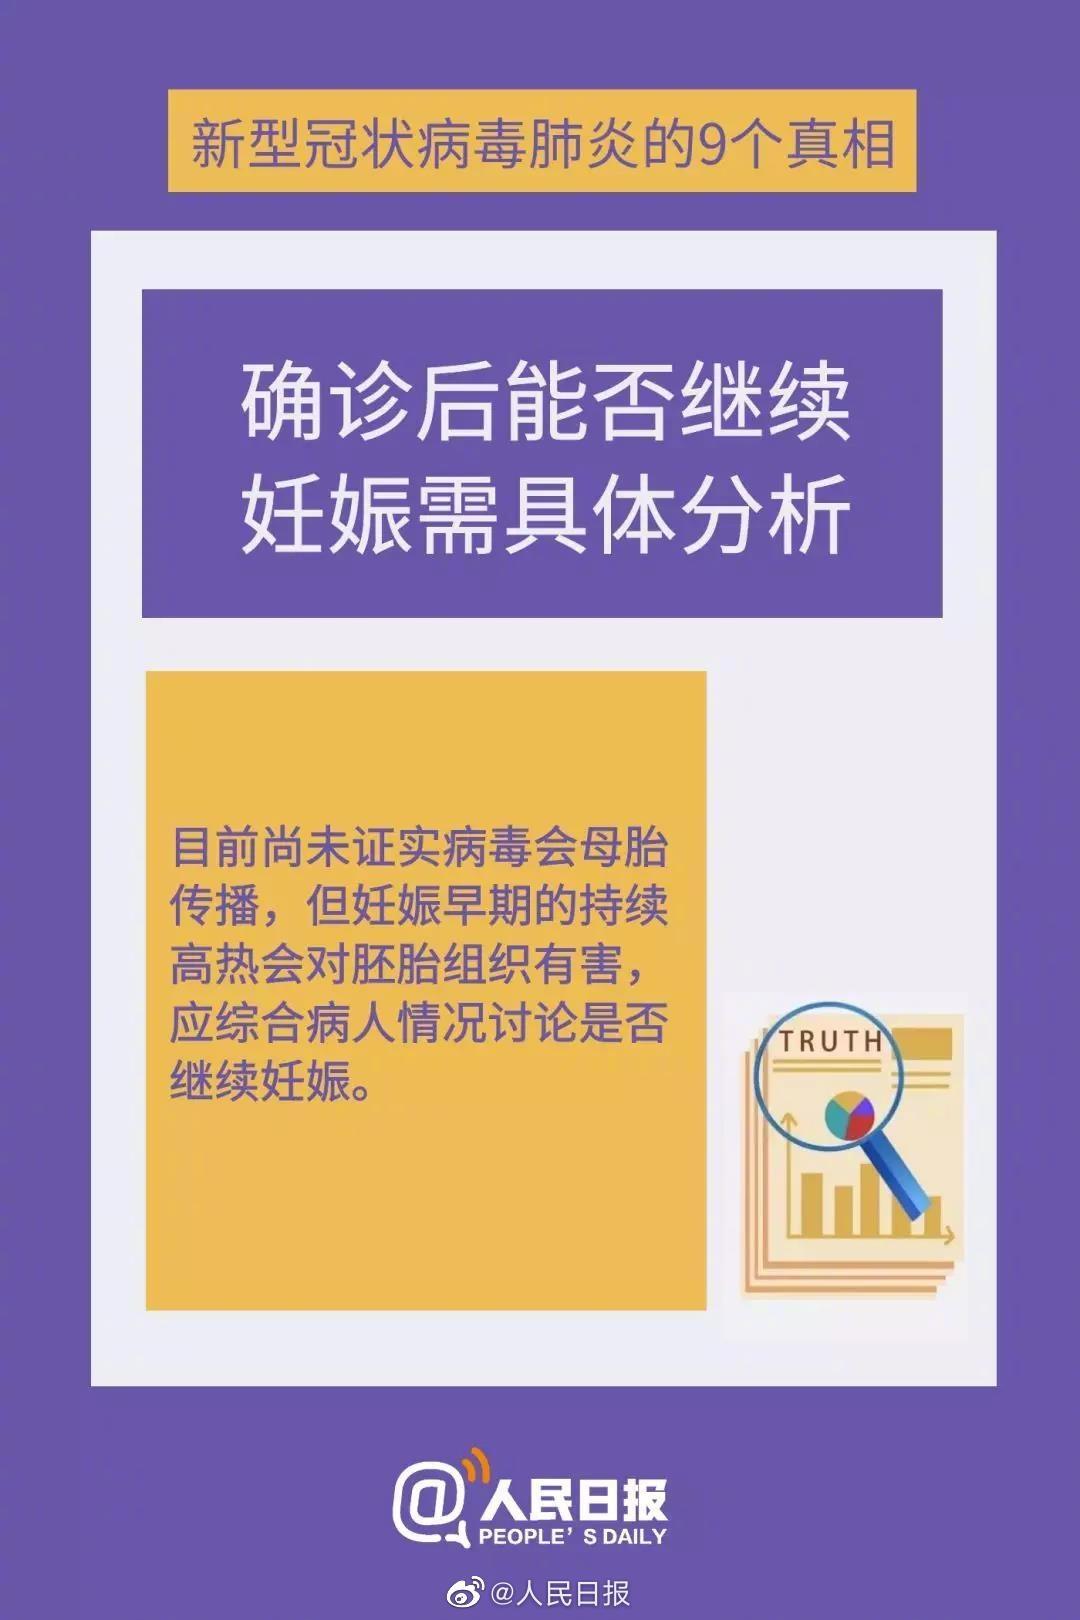 新建文件夹 (2)img-efc18a3c85c88226abd3525c04cdbf70.jpg